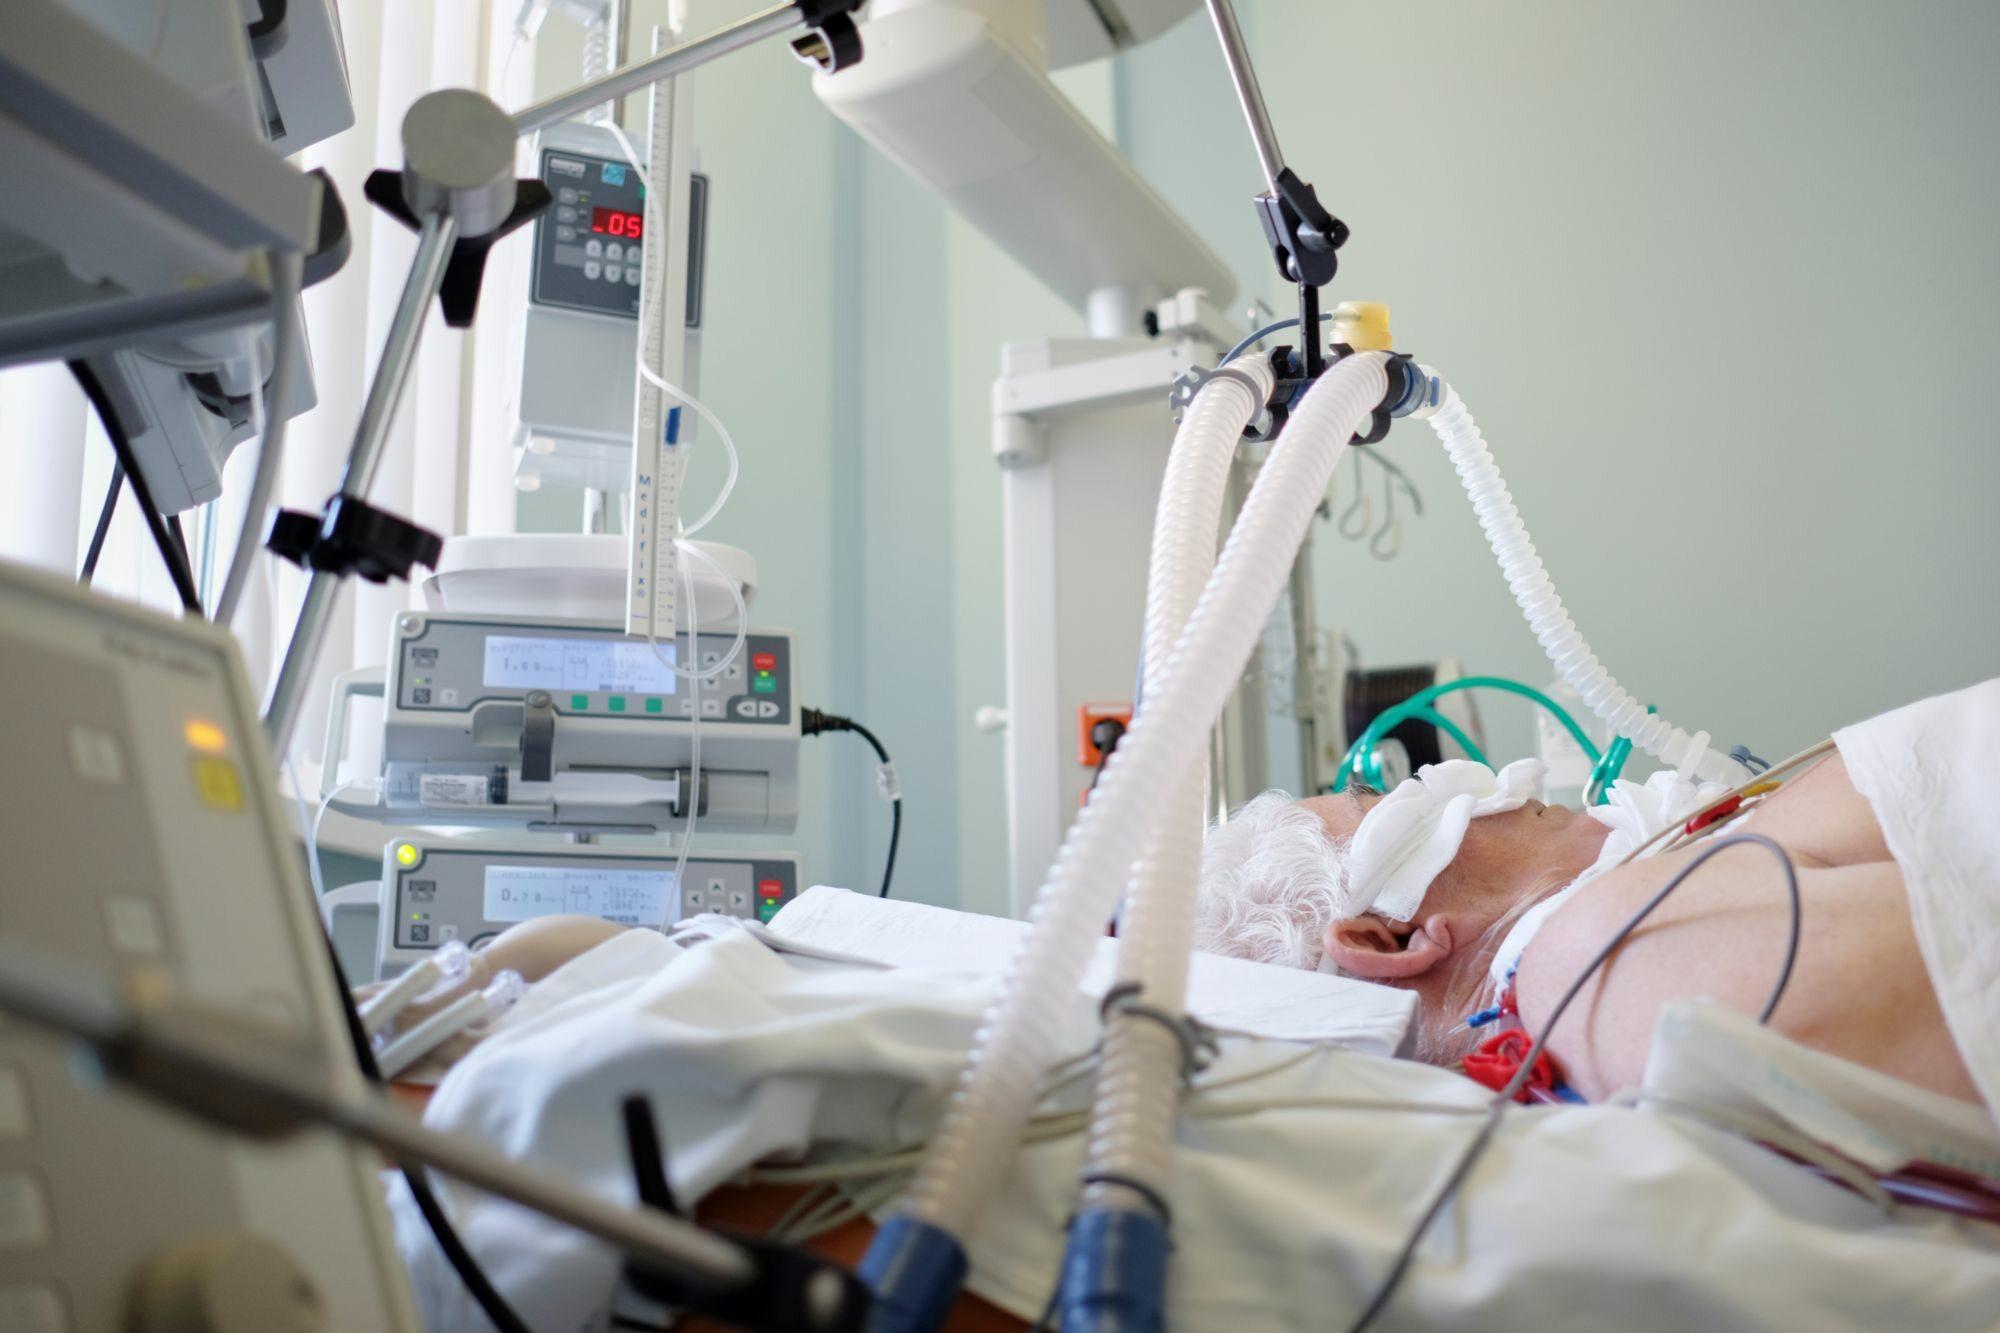 Pacjent pod respiratorem, zdj. ilustracyjne